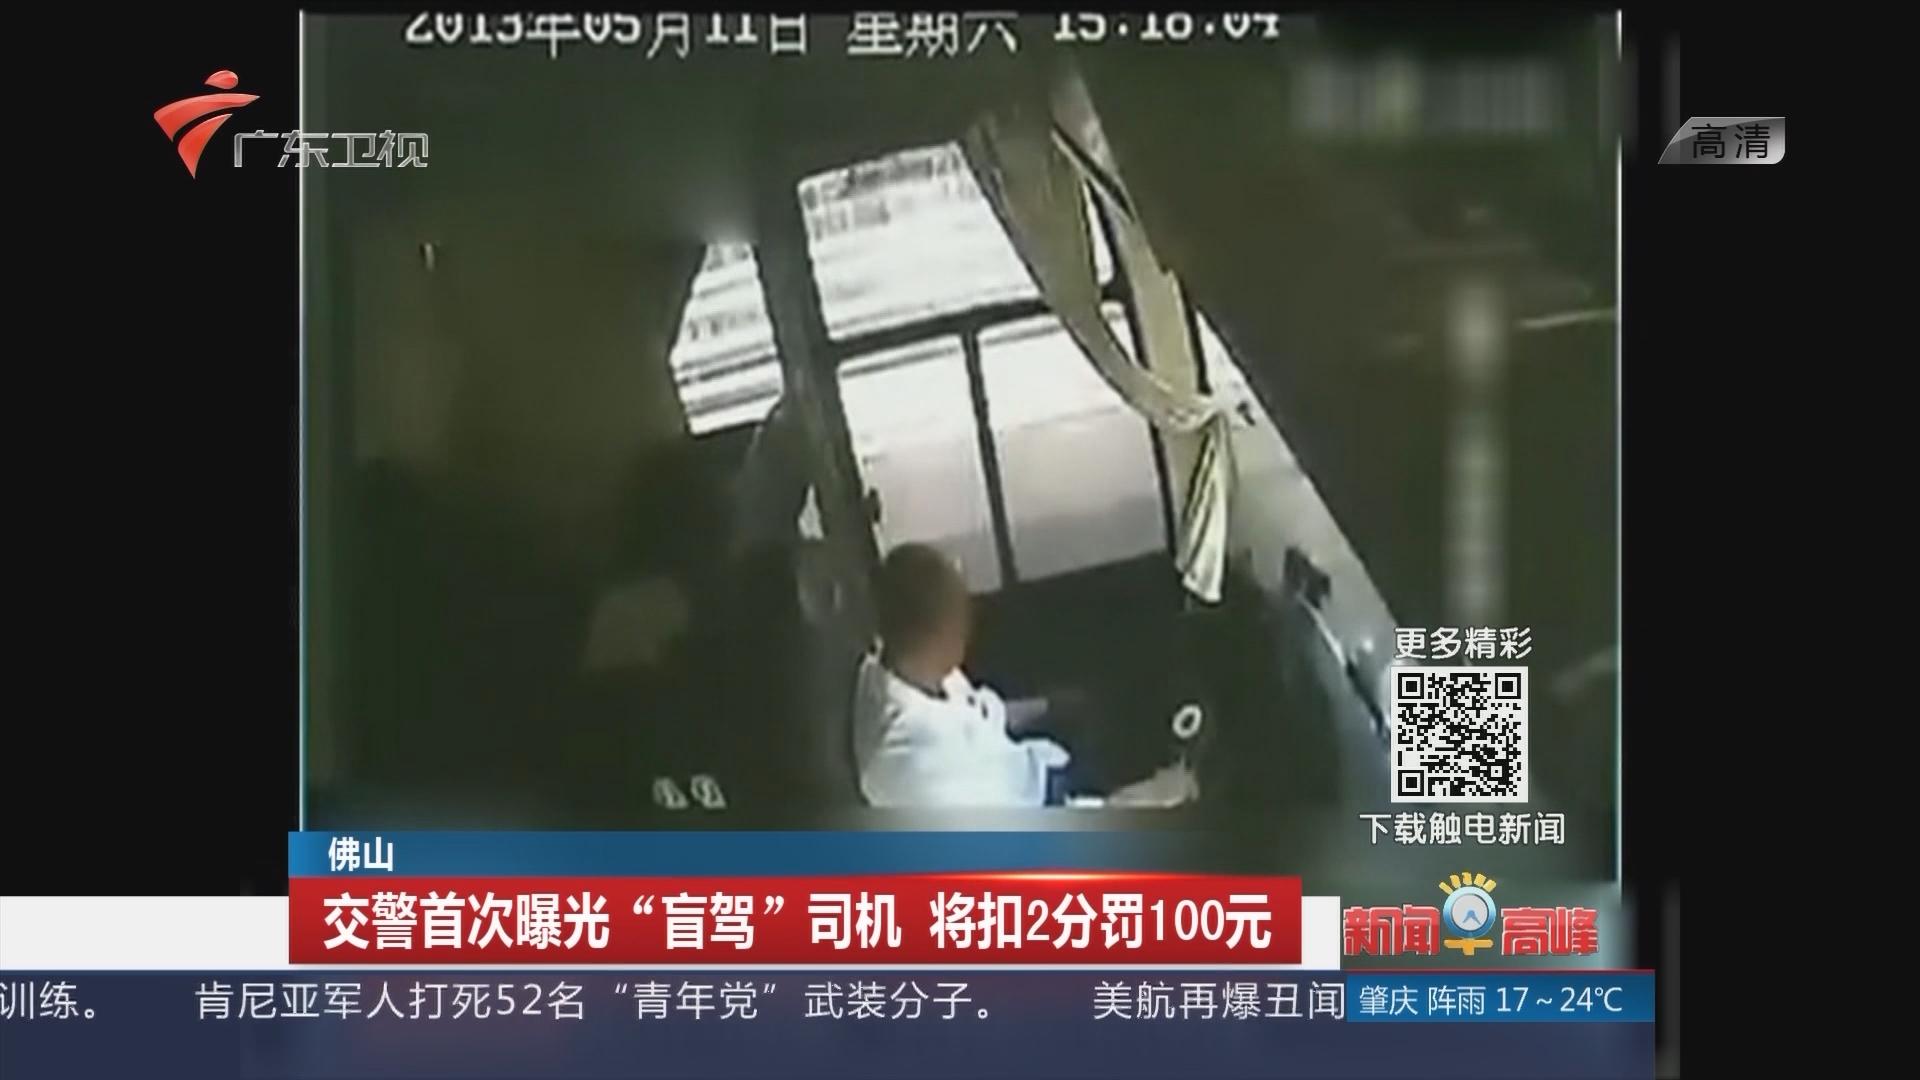 """佛山:交警首次曝光""""盲驾""""司机 将扣2分罚100元"""